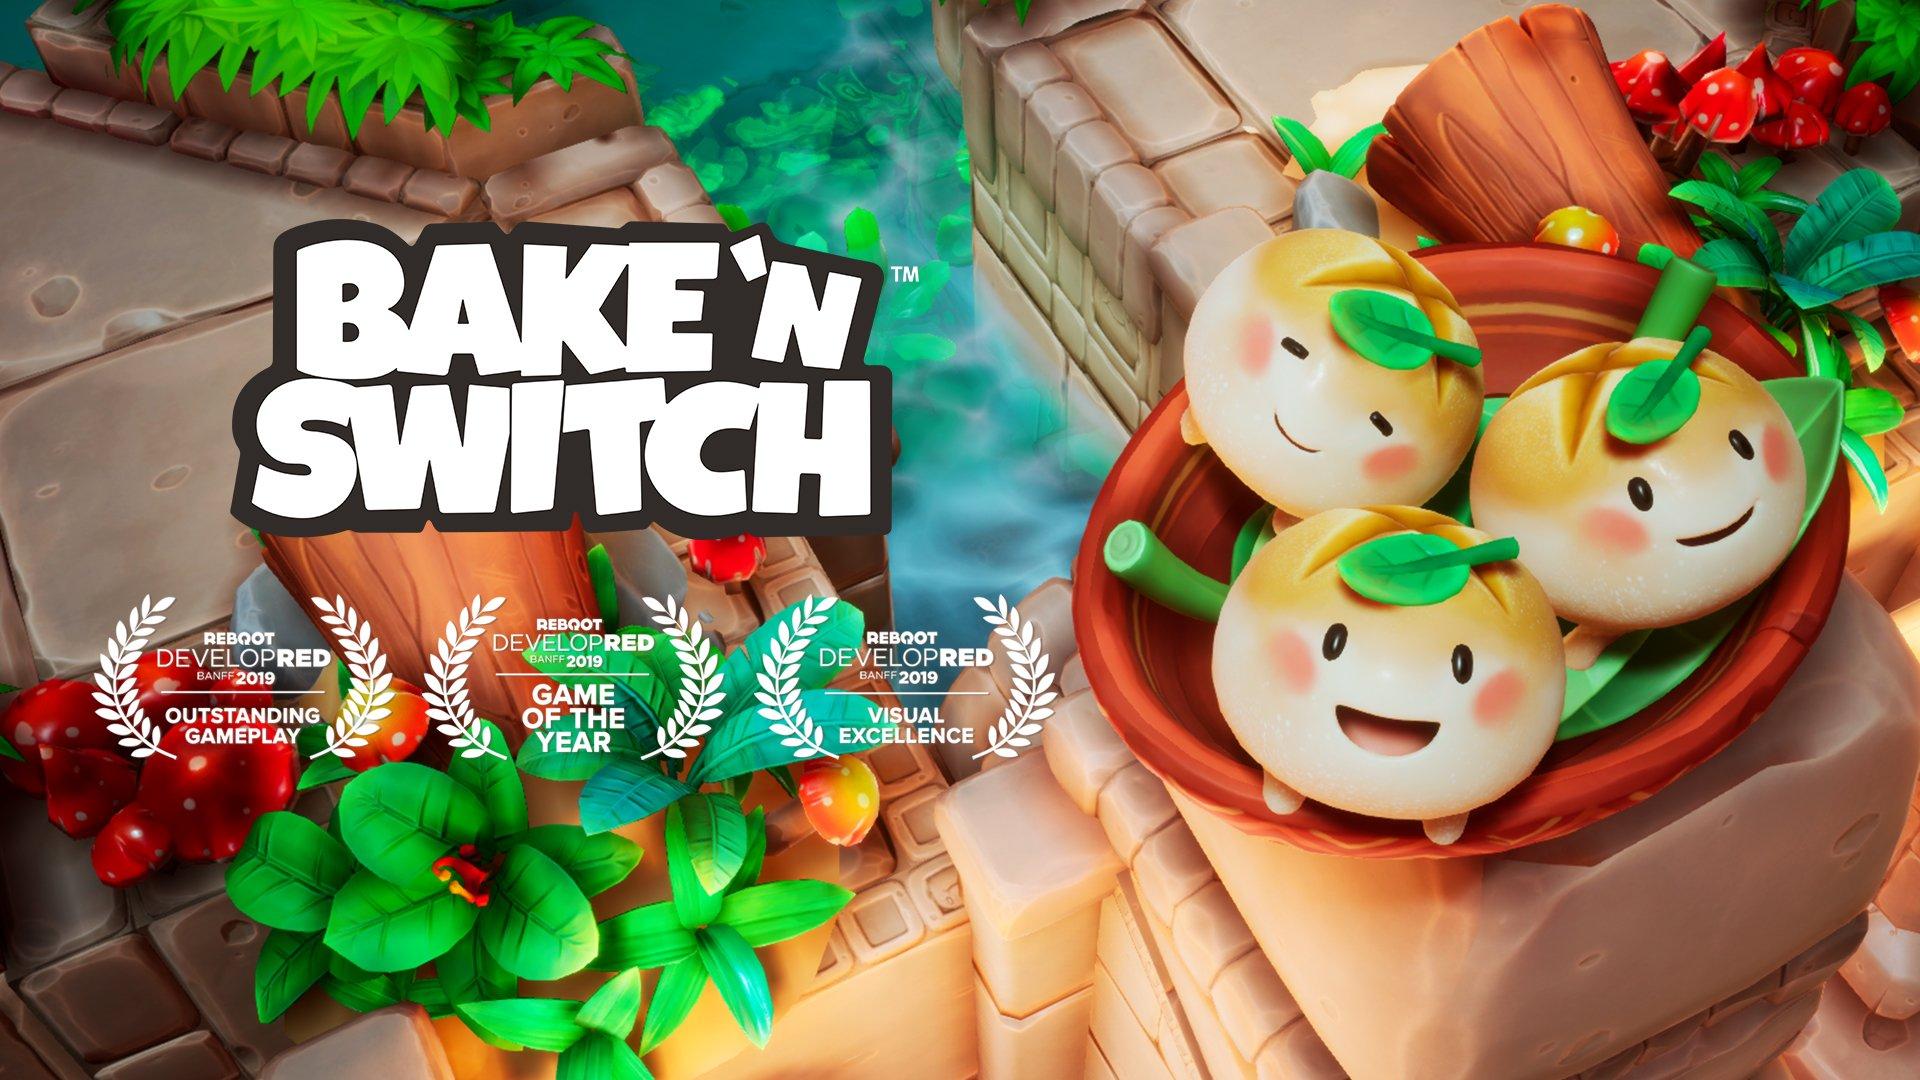 Bake n Switch Award Winning Poster